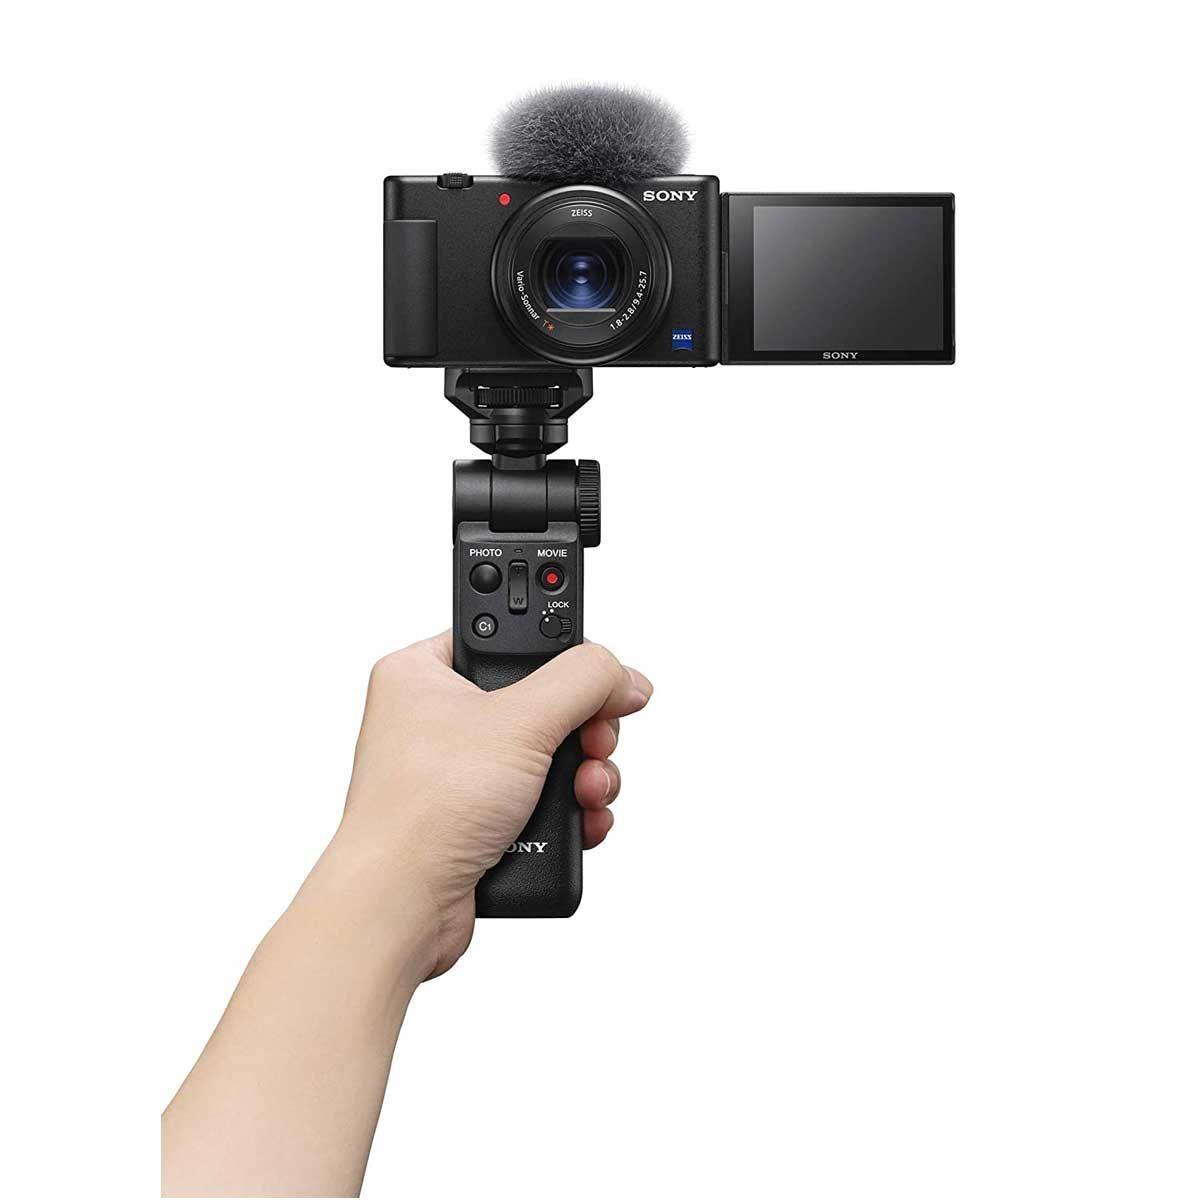 सोनी Digital Vlog कॅमेरा